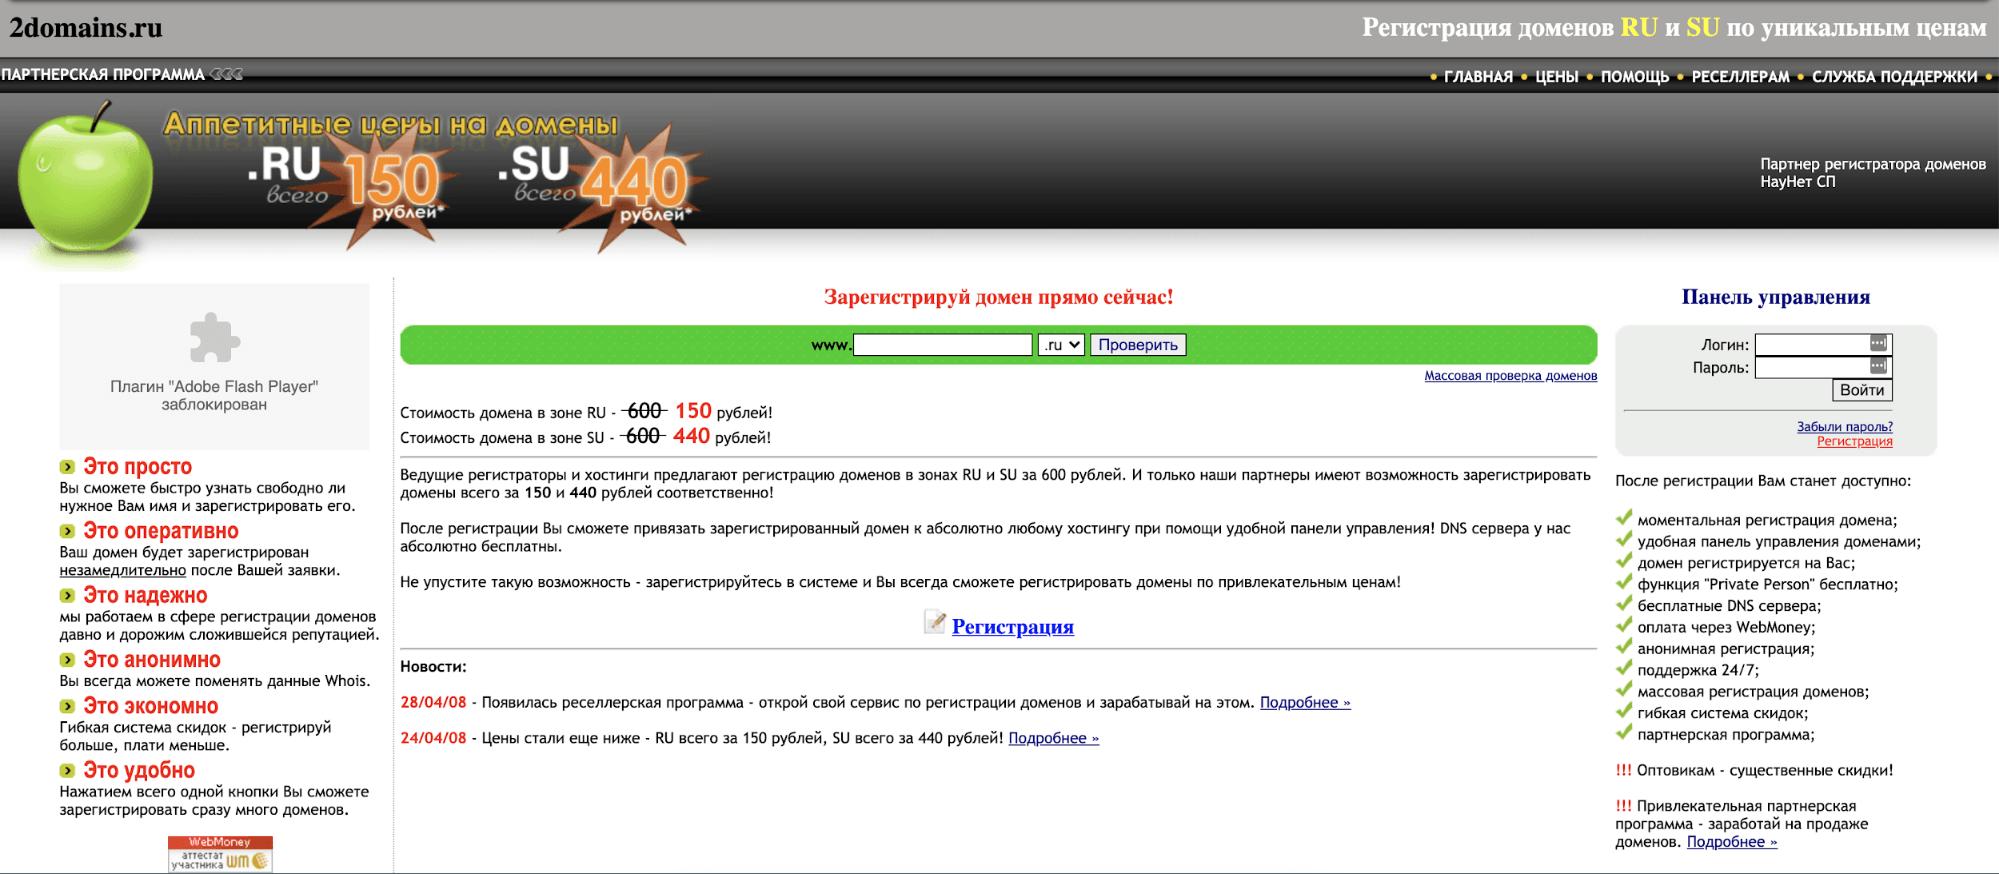 скачать хостинг сервер бесплатно